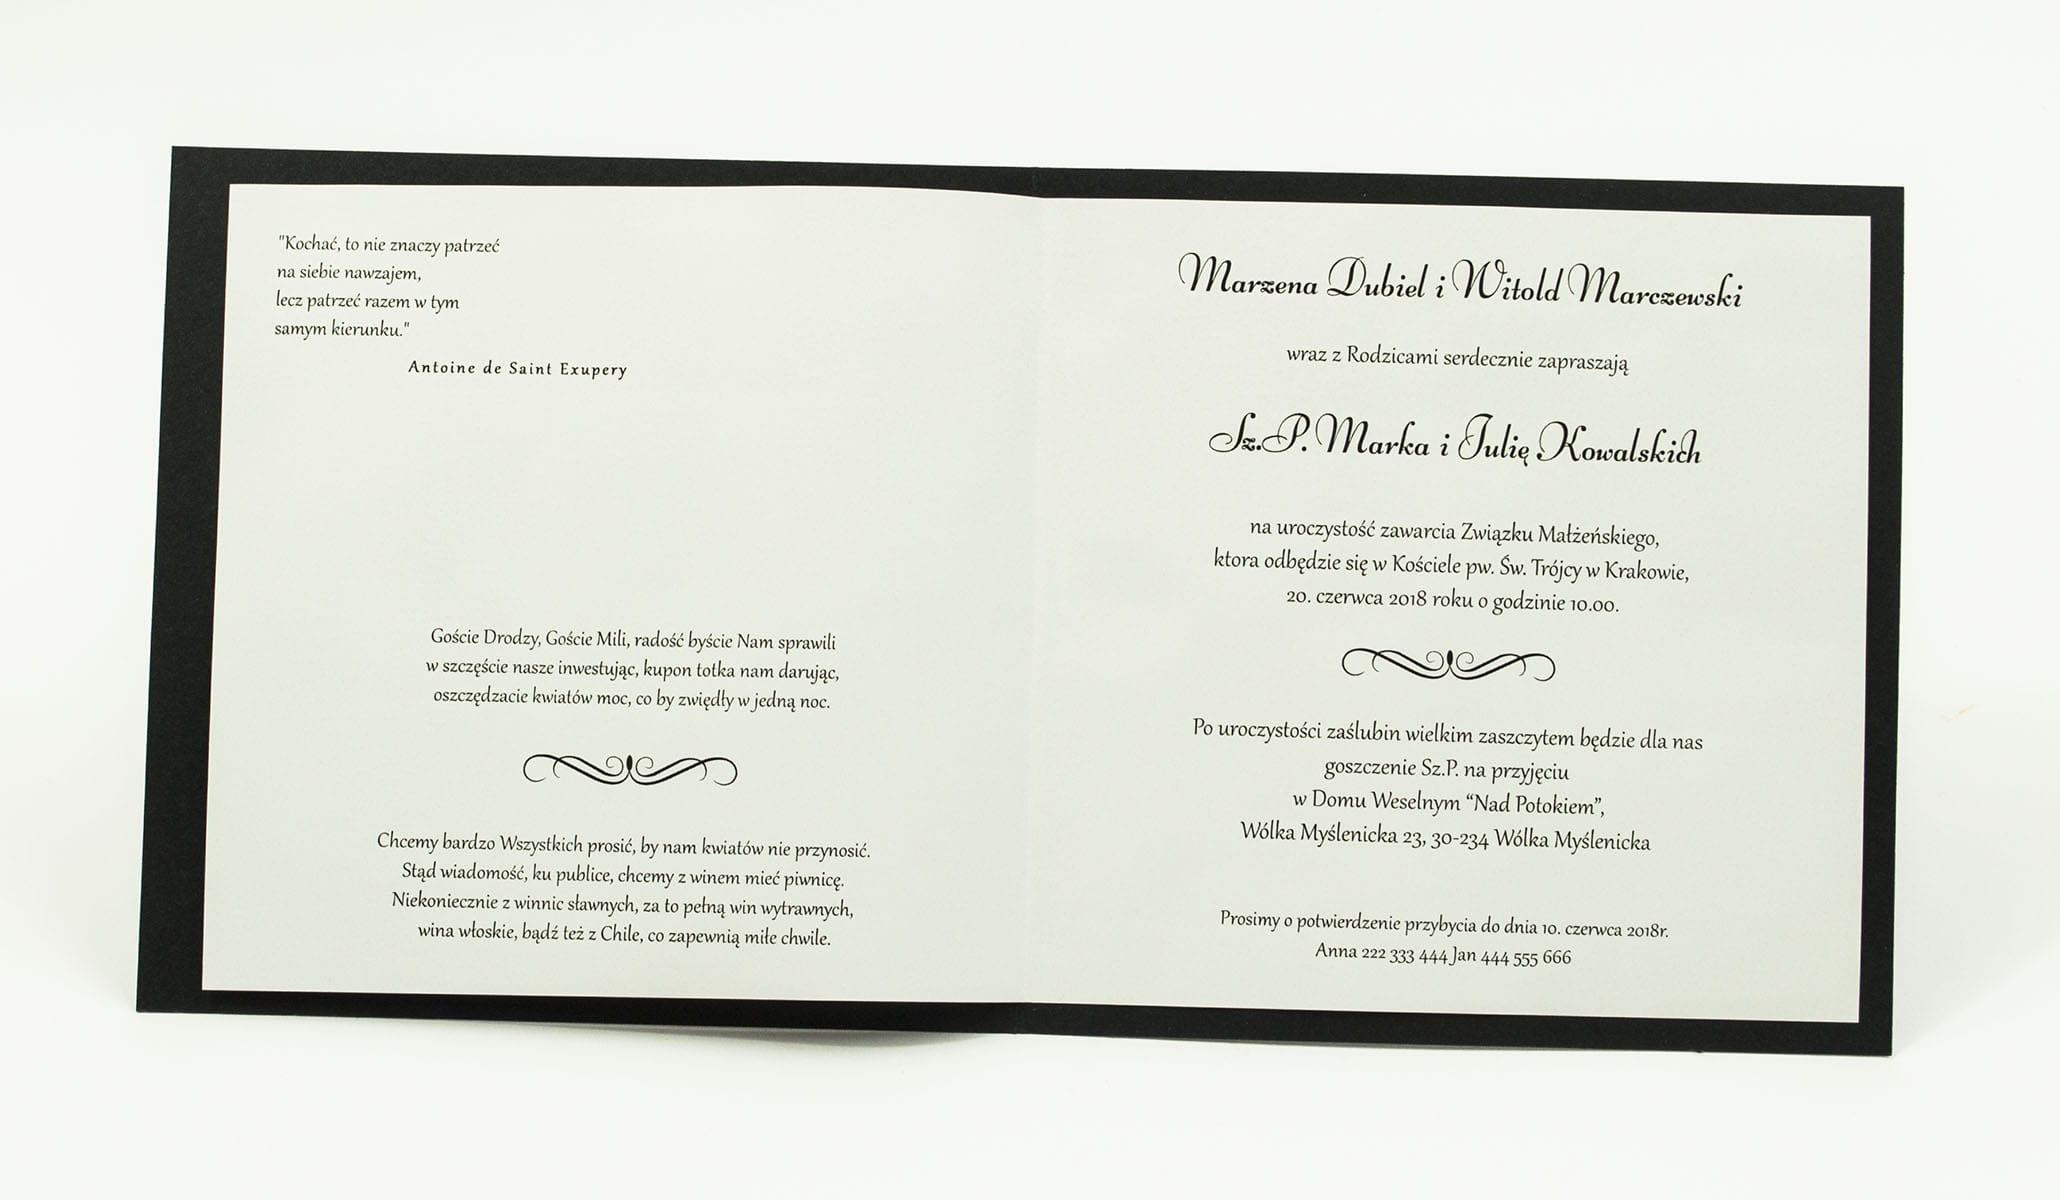 Zaproszenia ślubne na czarnym papierze z błyszczącymi elementami, ze wstążką w kolorze chabrowym i cyrkonią oraz wklejanym wnętrzem. ZAP-61-88